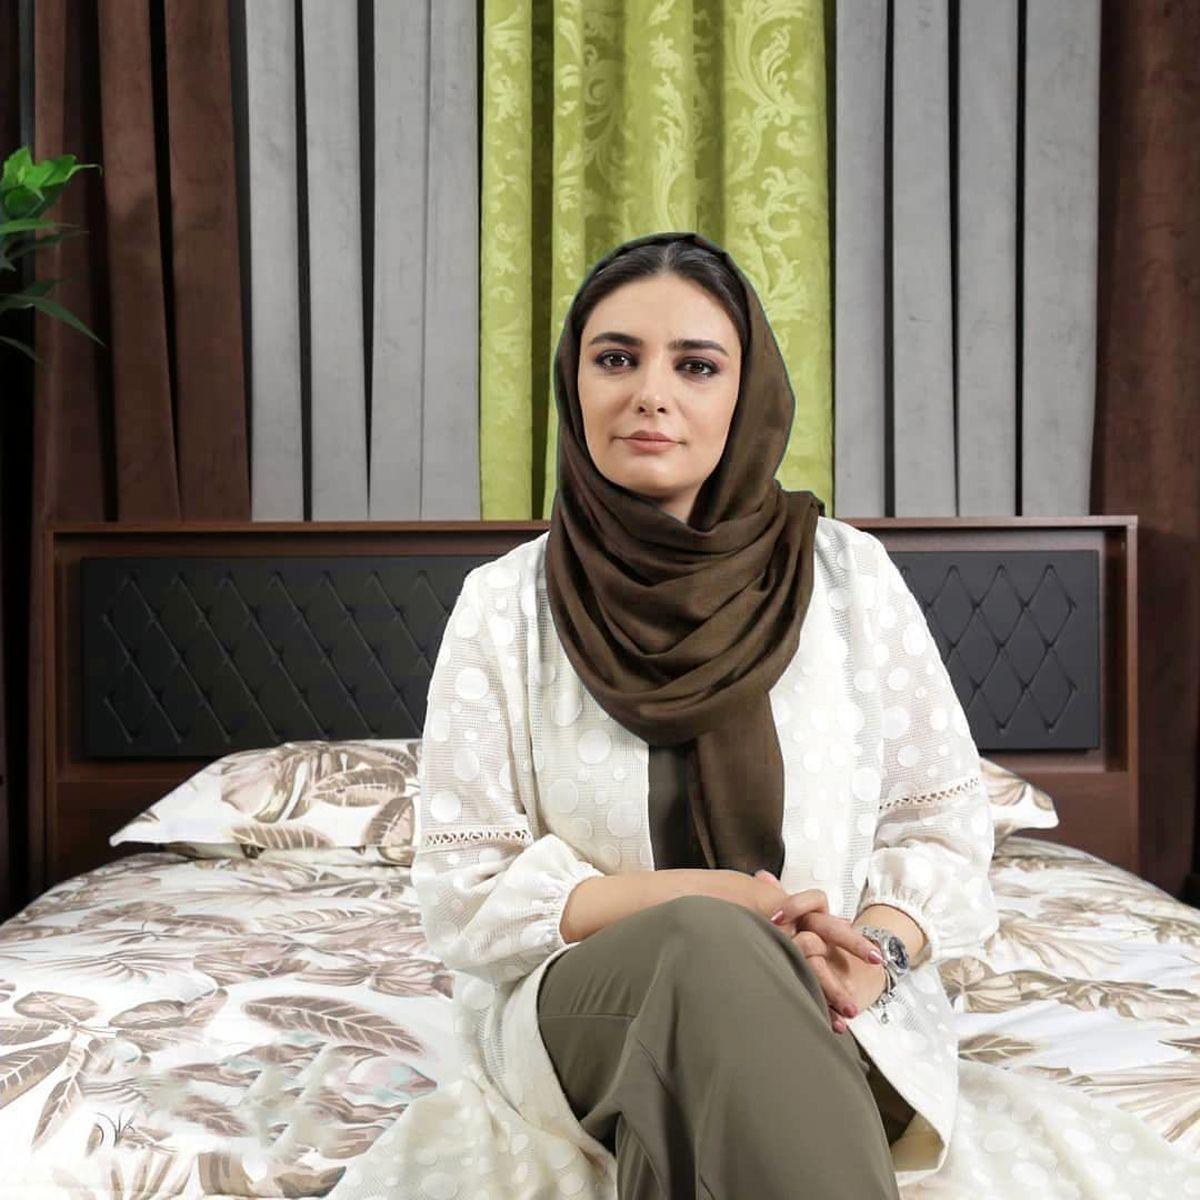 عکس تبلیغاتی و عجیب لیندا کیانی روی تختخواب !